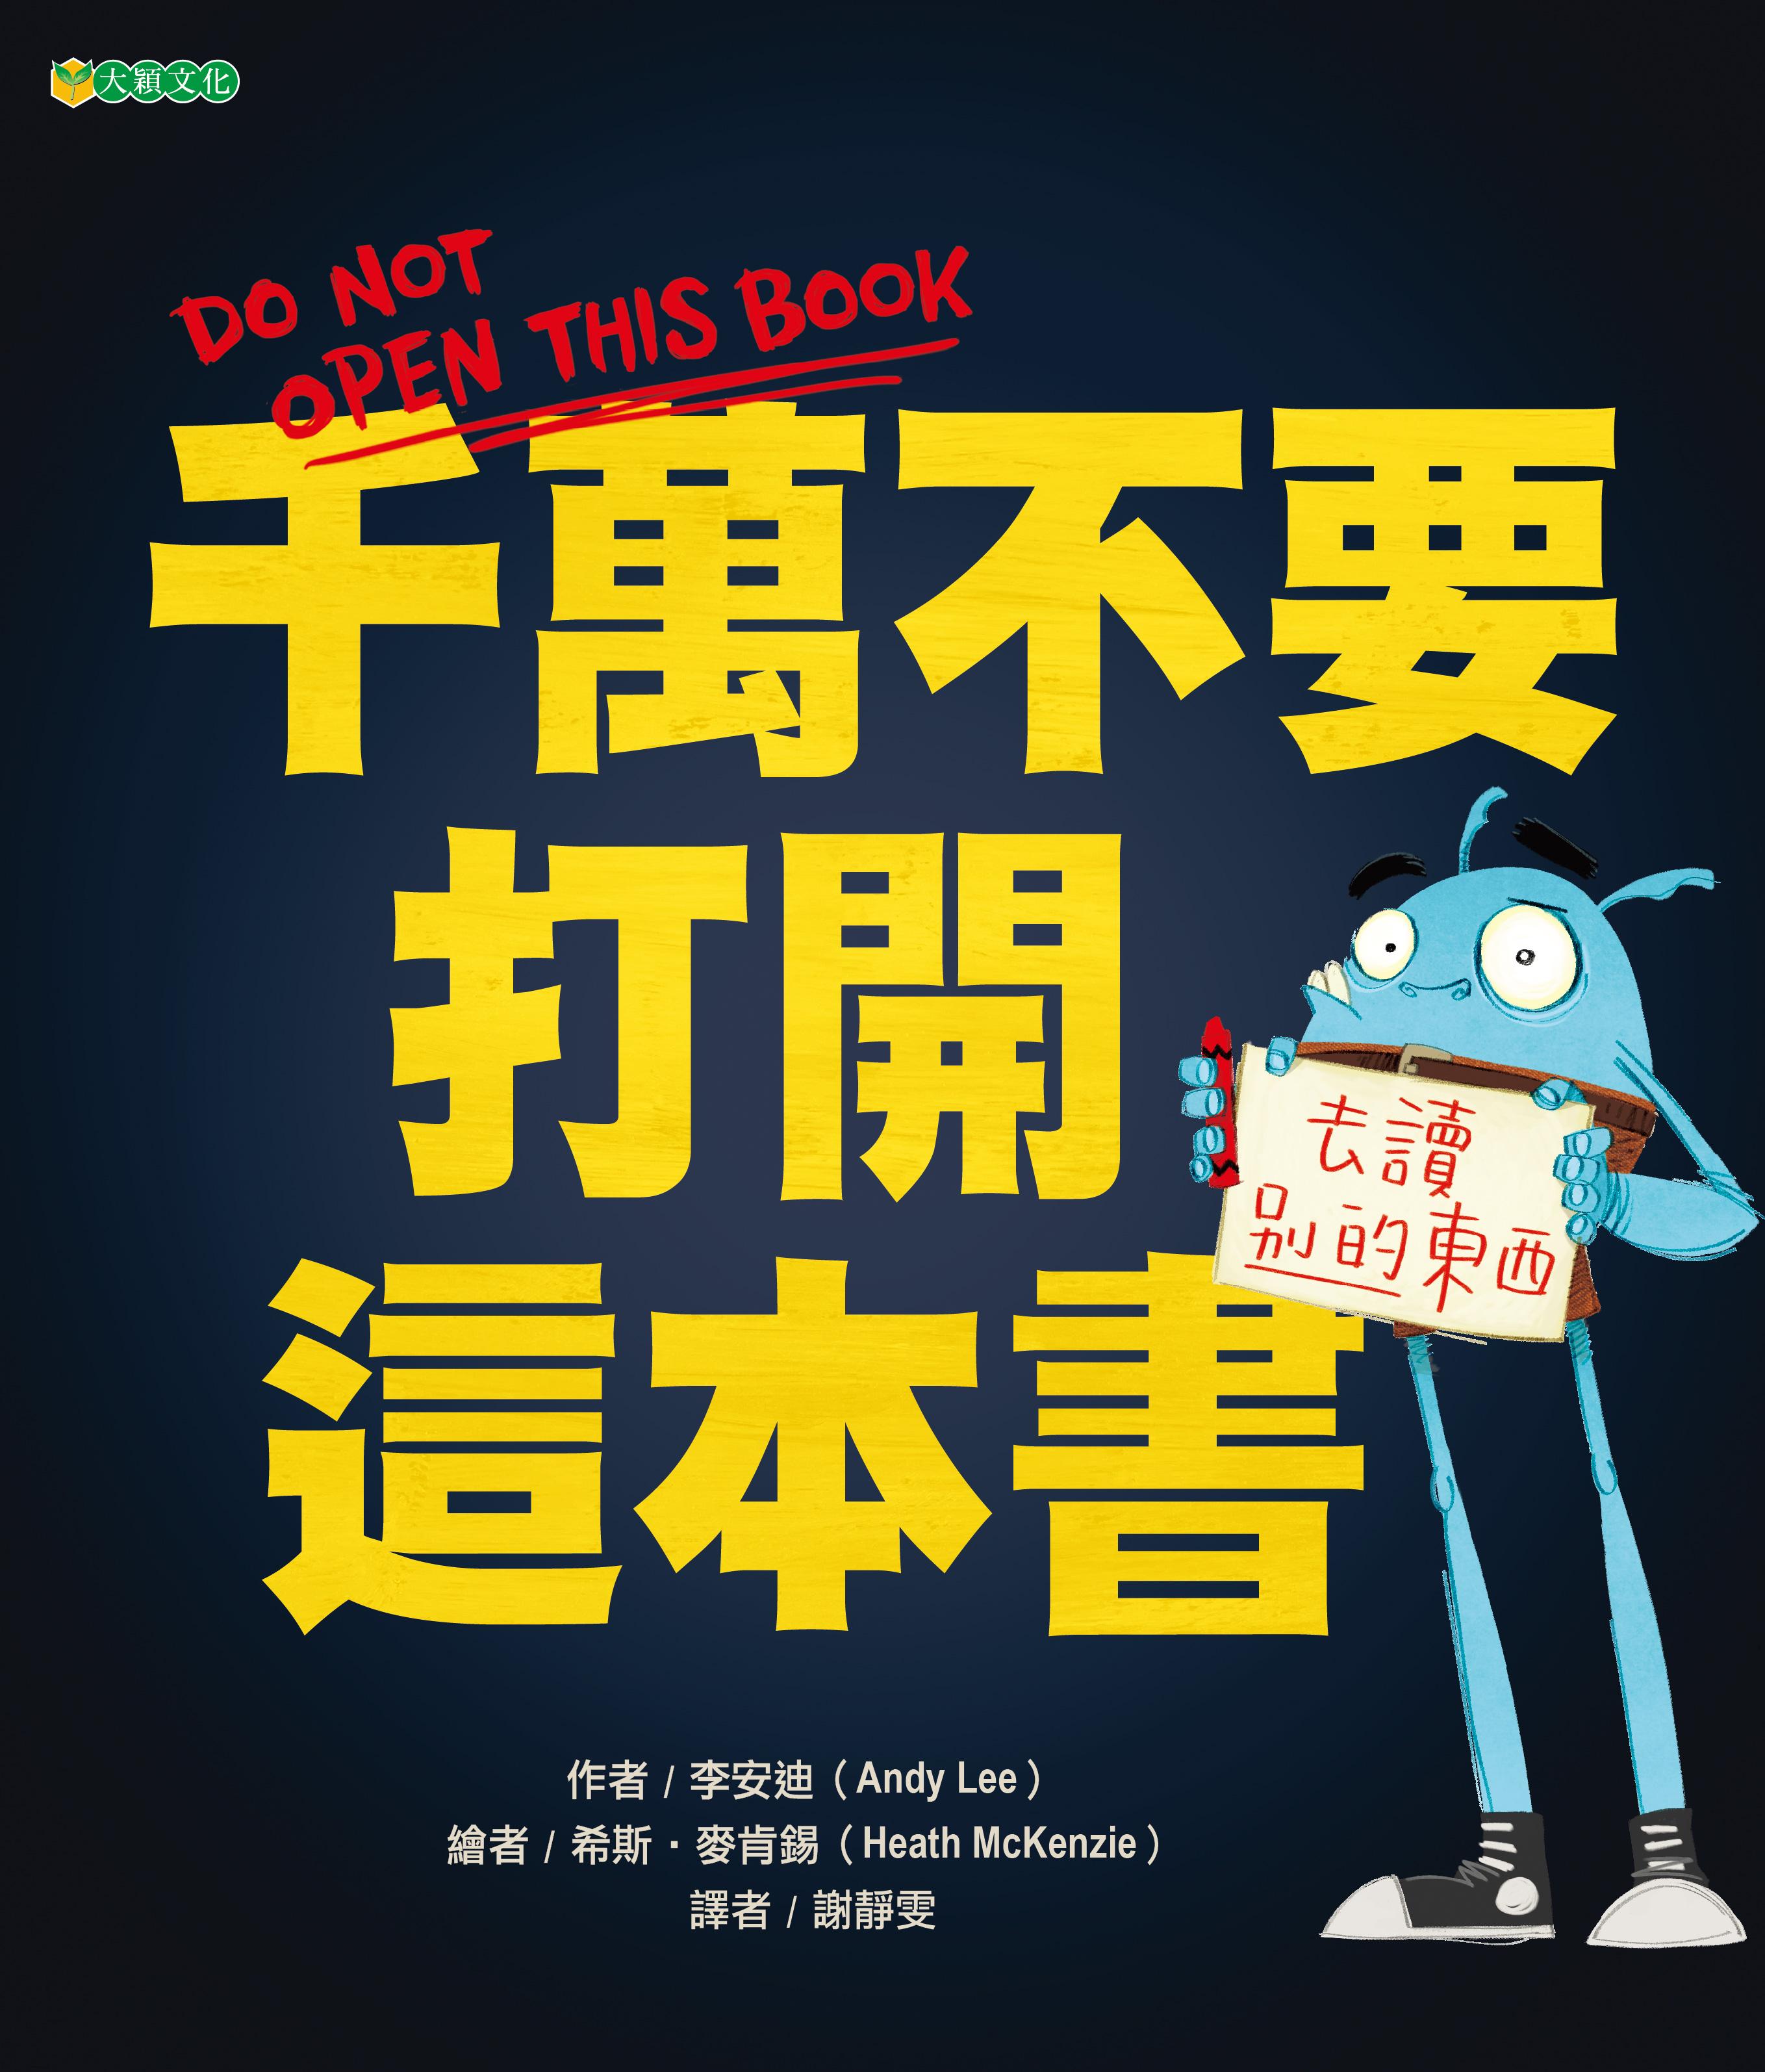 千萬不要打開這本書( Do not open this book)封面圖